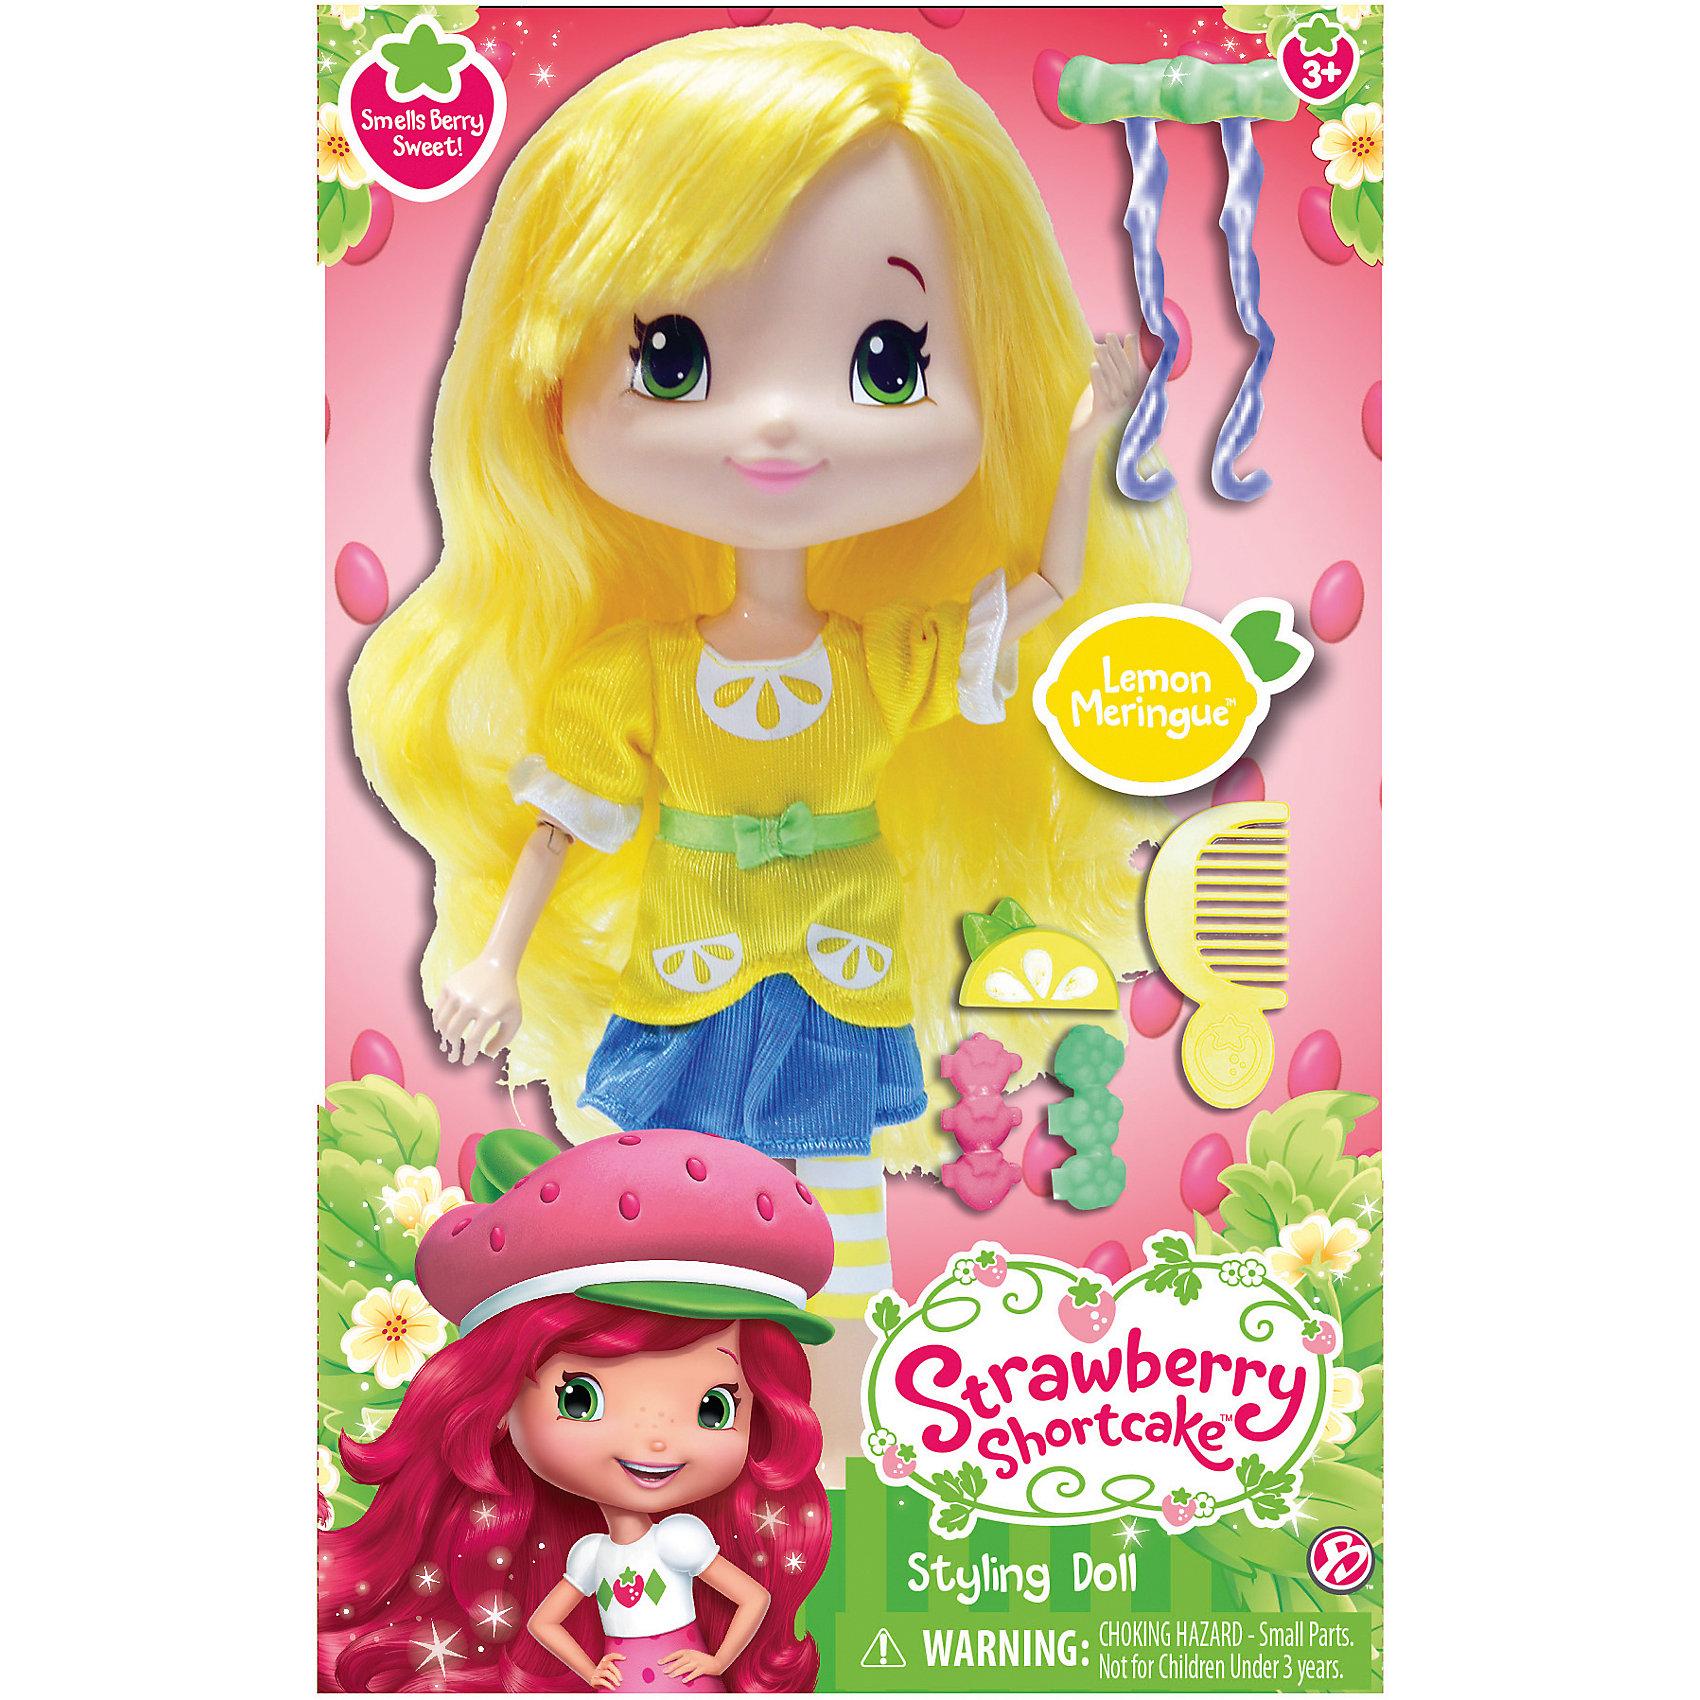 Кукла Лимона для моделирования причесок, 28 см, Шарлотта Земляничка, The BridgeСюжетно-ролевые игры<br>Милая кукла Лимона обязательно понравится Вашей девочке! У куколки красивые длинные волосы, из которые можно сделать самые разнообразные прически!<br><br>В наборе:  кукла Лимона, расческа, 2 заколки, 2 пряди волос, украшение. <br><br>Дополнительная информация:<br><br>- Возраст: от 3 лет.<br>- Материал: пластик, текстиль.<br>- Размер куклы: 28 см.<br>- Размер упаковки: 19х9х30 см.<br><br>Купить куклу Лимона для моделирования причесок, можно в нашем магазине.<br><br>Ширина мм: 200<br>Глубина мм: 100<br>Высота мм: 310<br>Вес г: 620<br>Возраст от месяцев: 36<br>Возраст до месяцев: 120<br>Пол: Женский<br>Возраст: Детский<br>SKU: 4929083